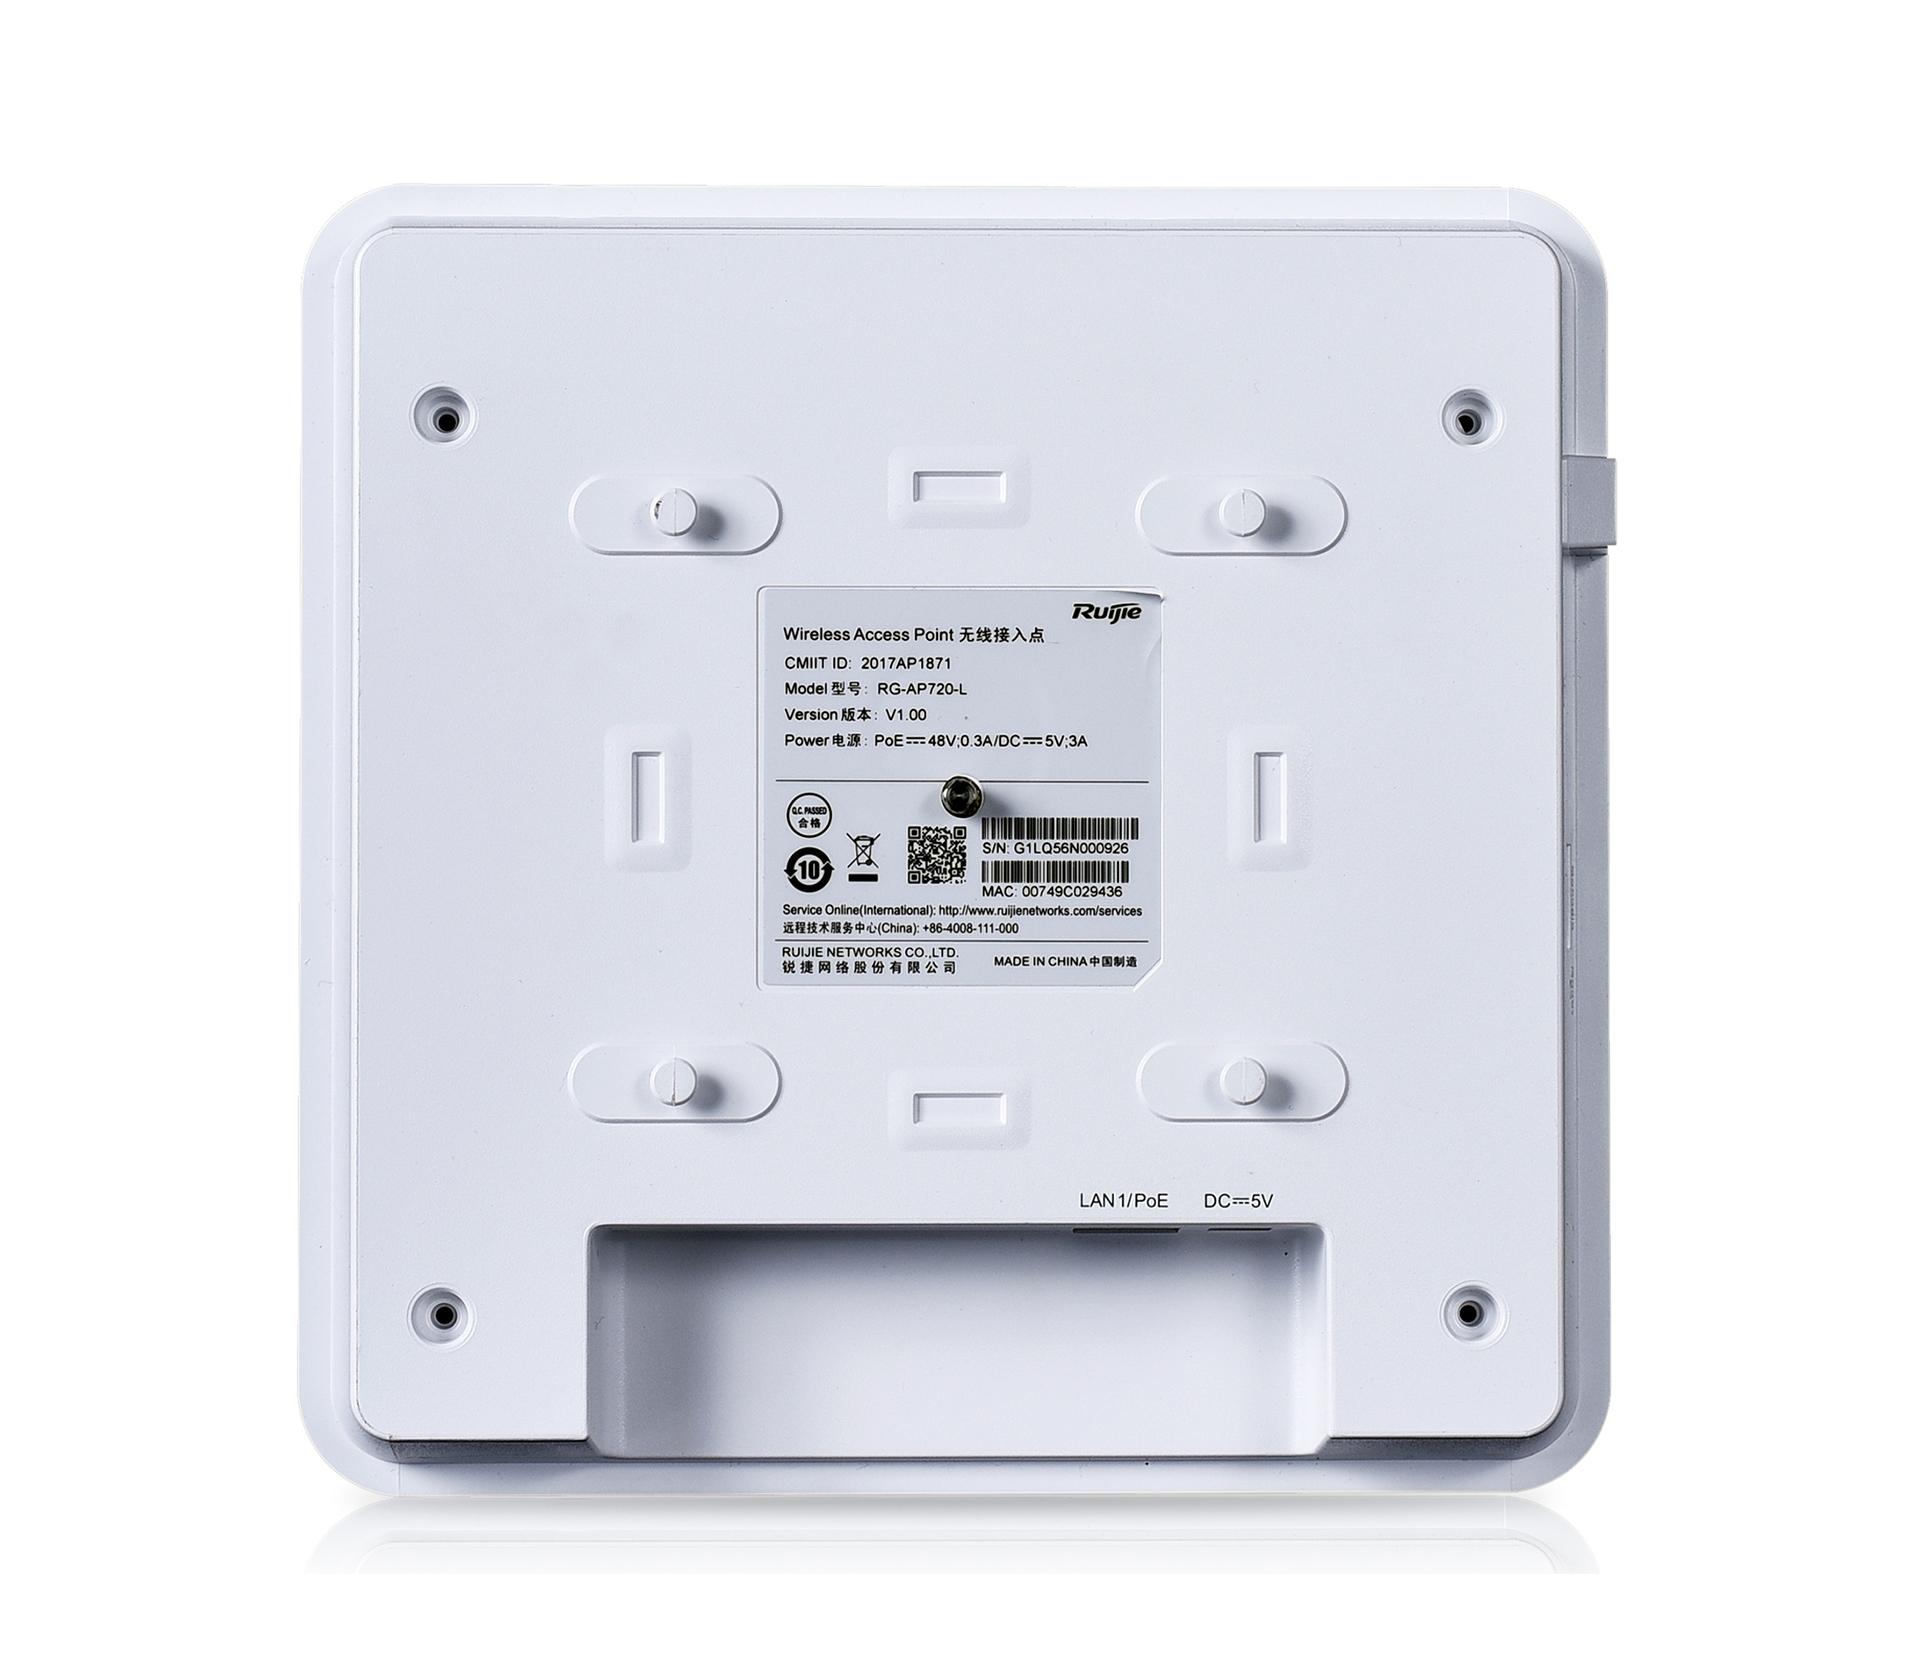 Bộ phát Wi-Fi – Trong nhà – Gắn tường RG-AP720-L